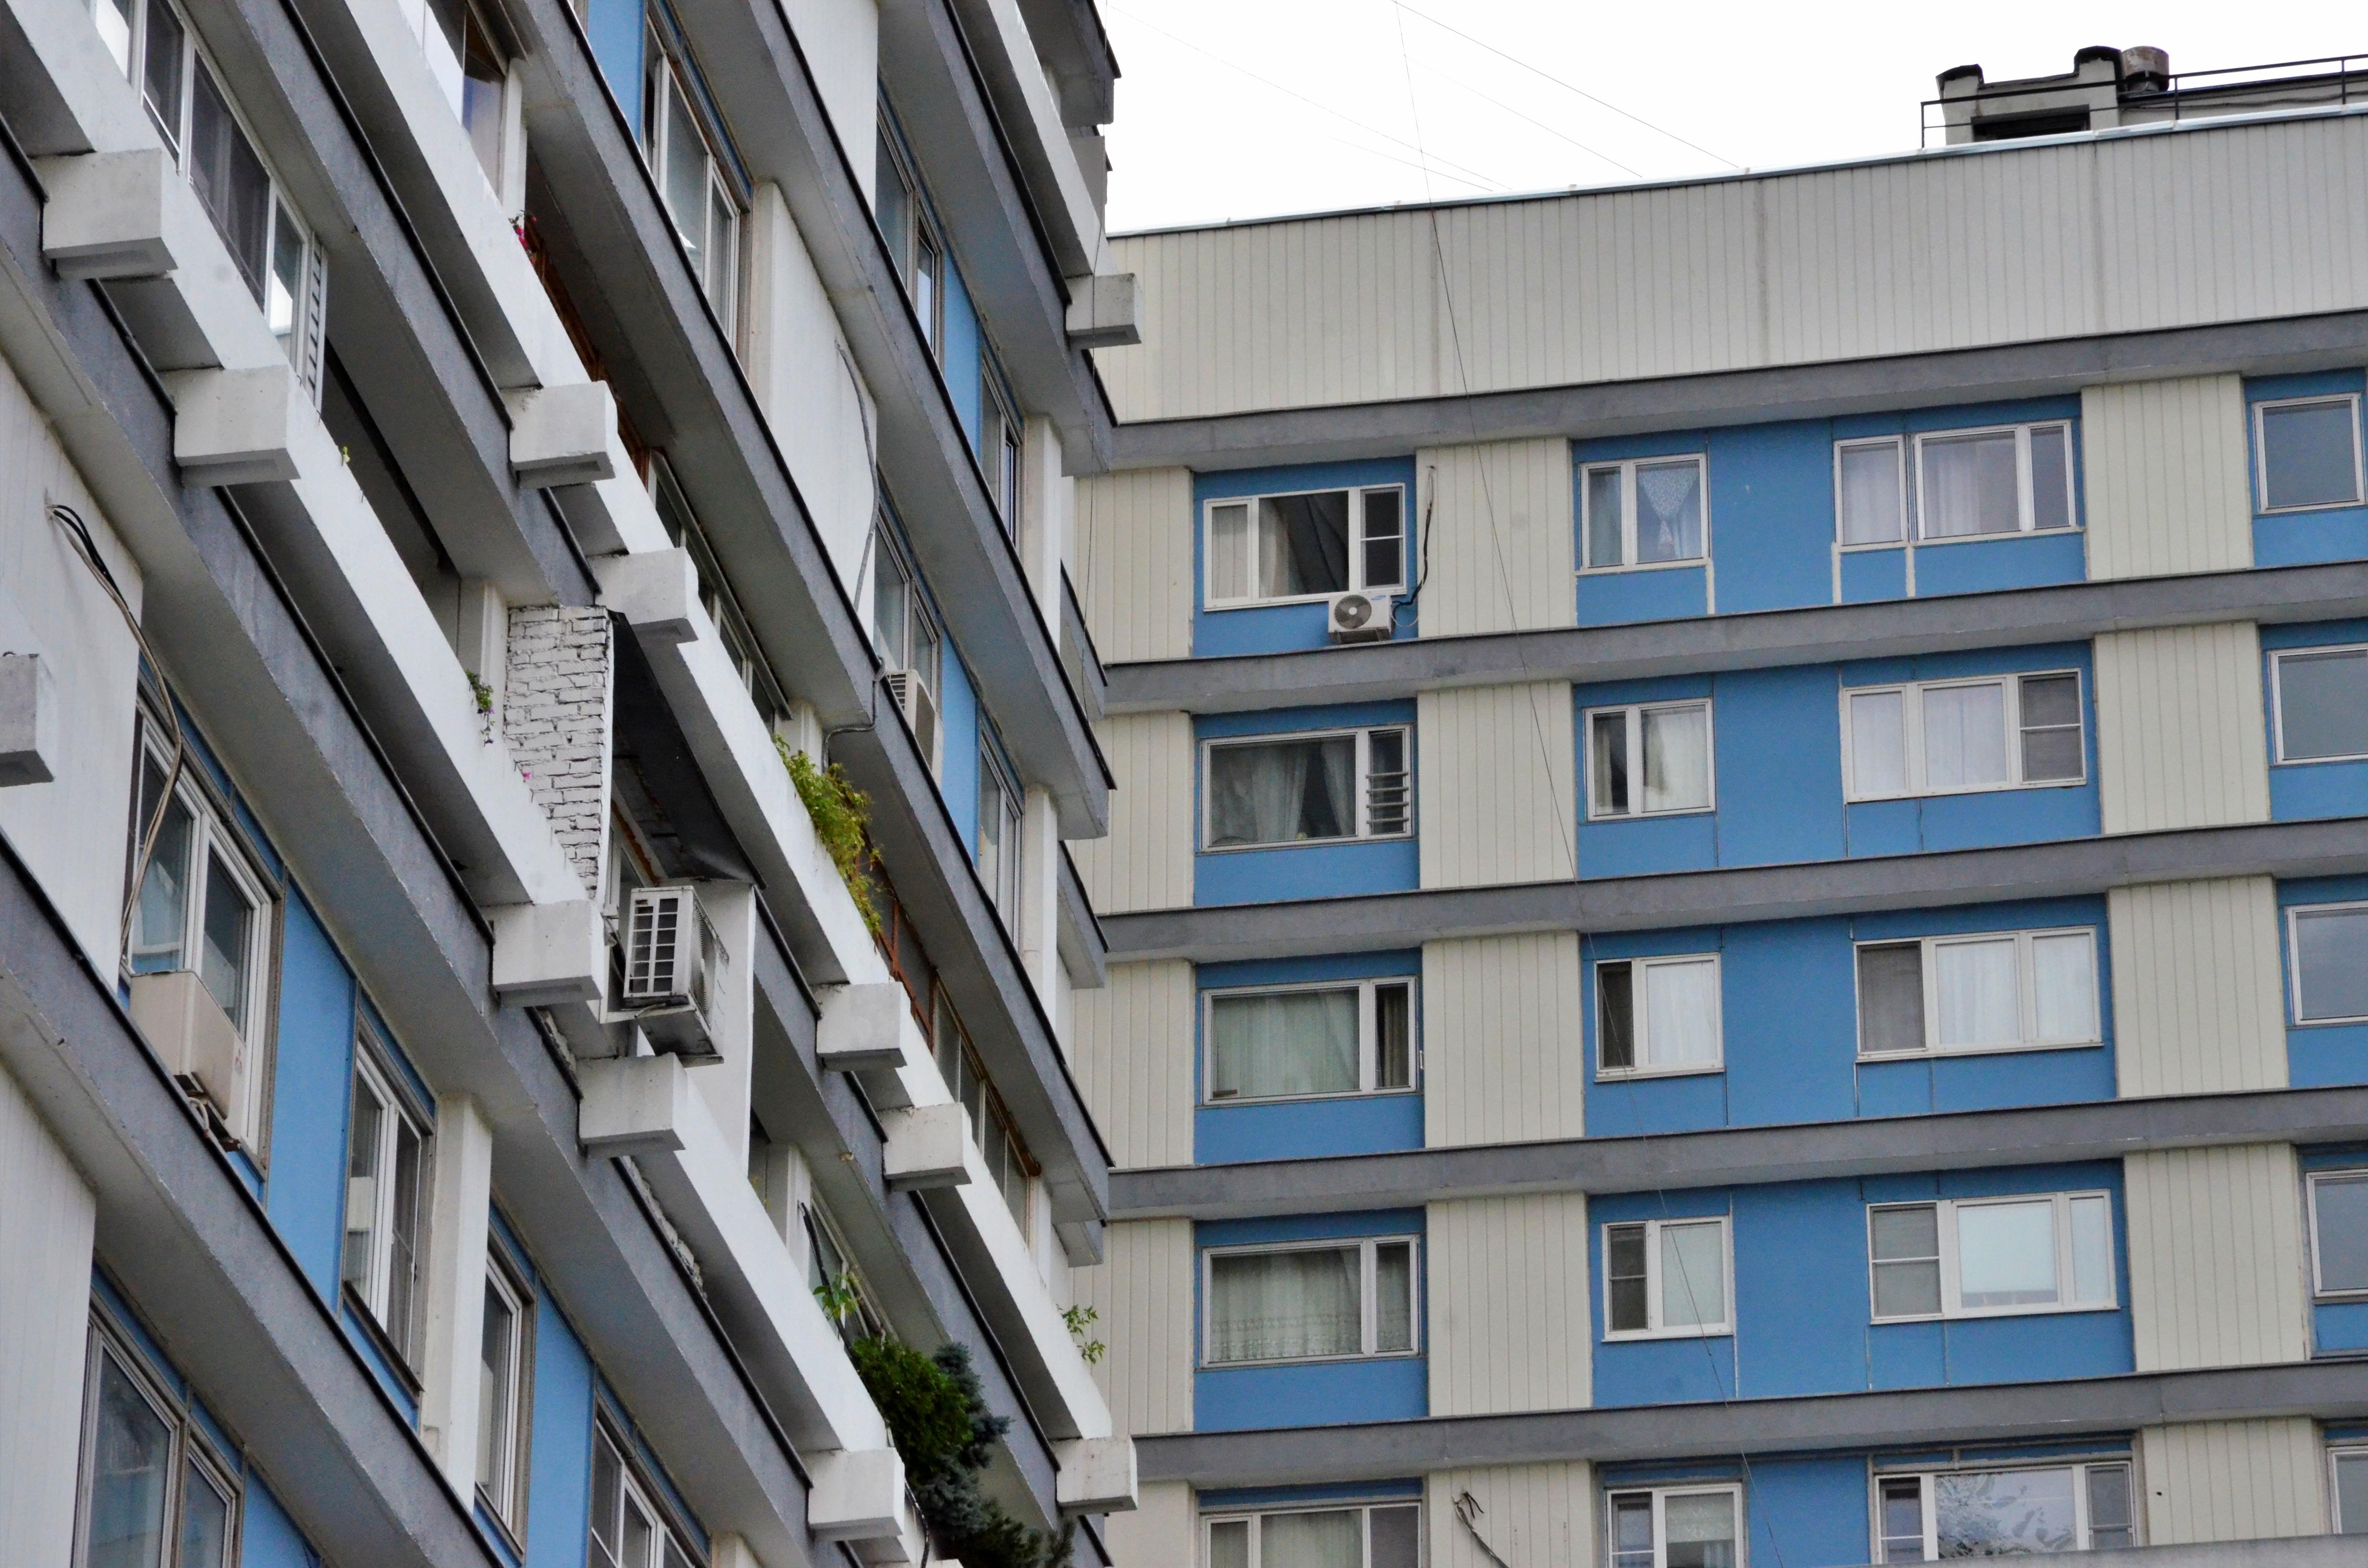 Москвичи нашли аналоги микрорайона Северное Чертаново в советской архитектуре